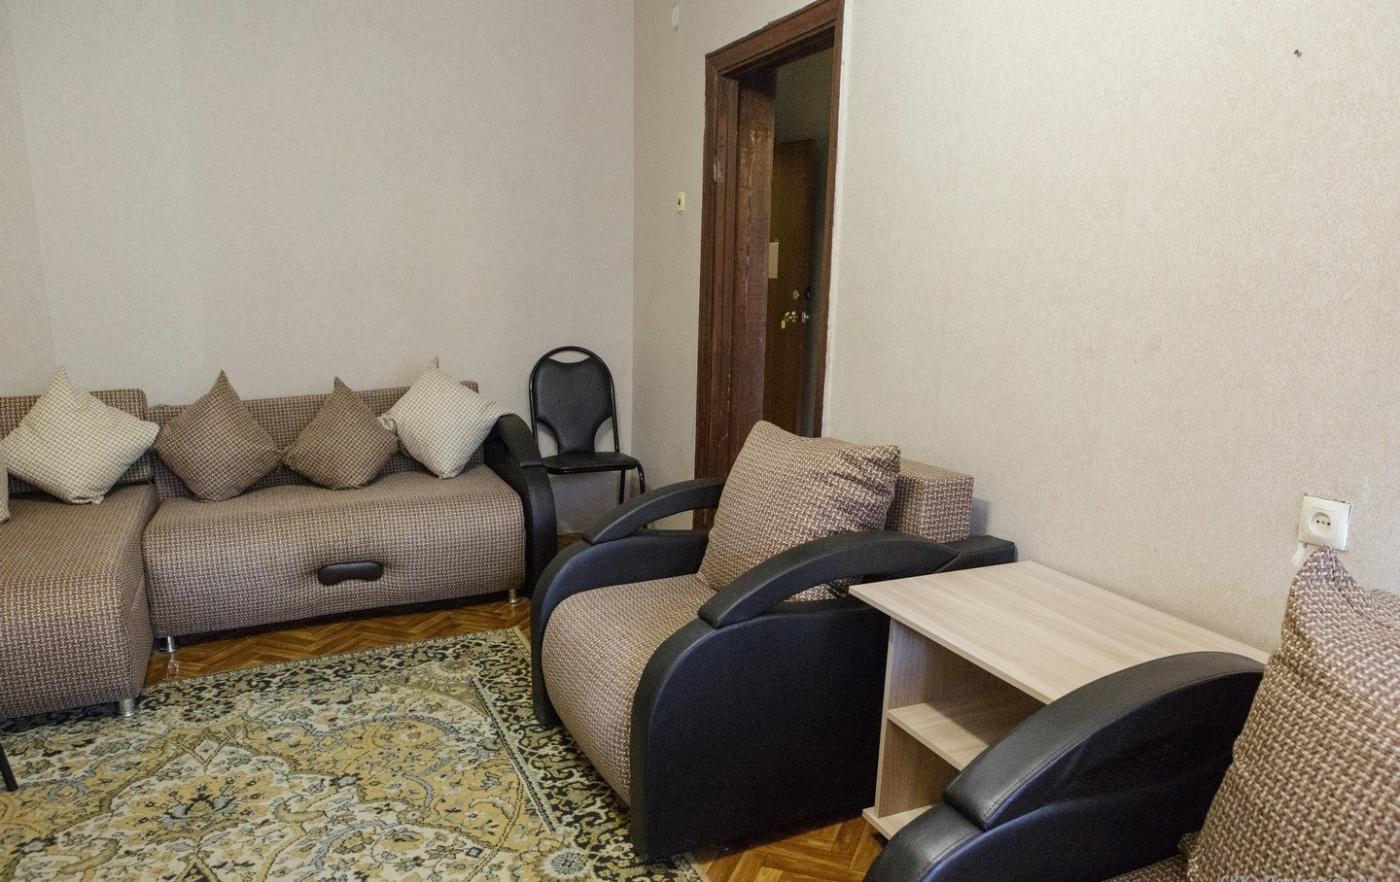 База отдыха «Боровое» Московская область 2-местный 2-комнатный номер повышенной комфортности, фото 6